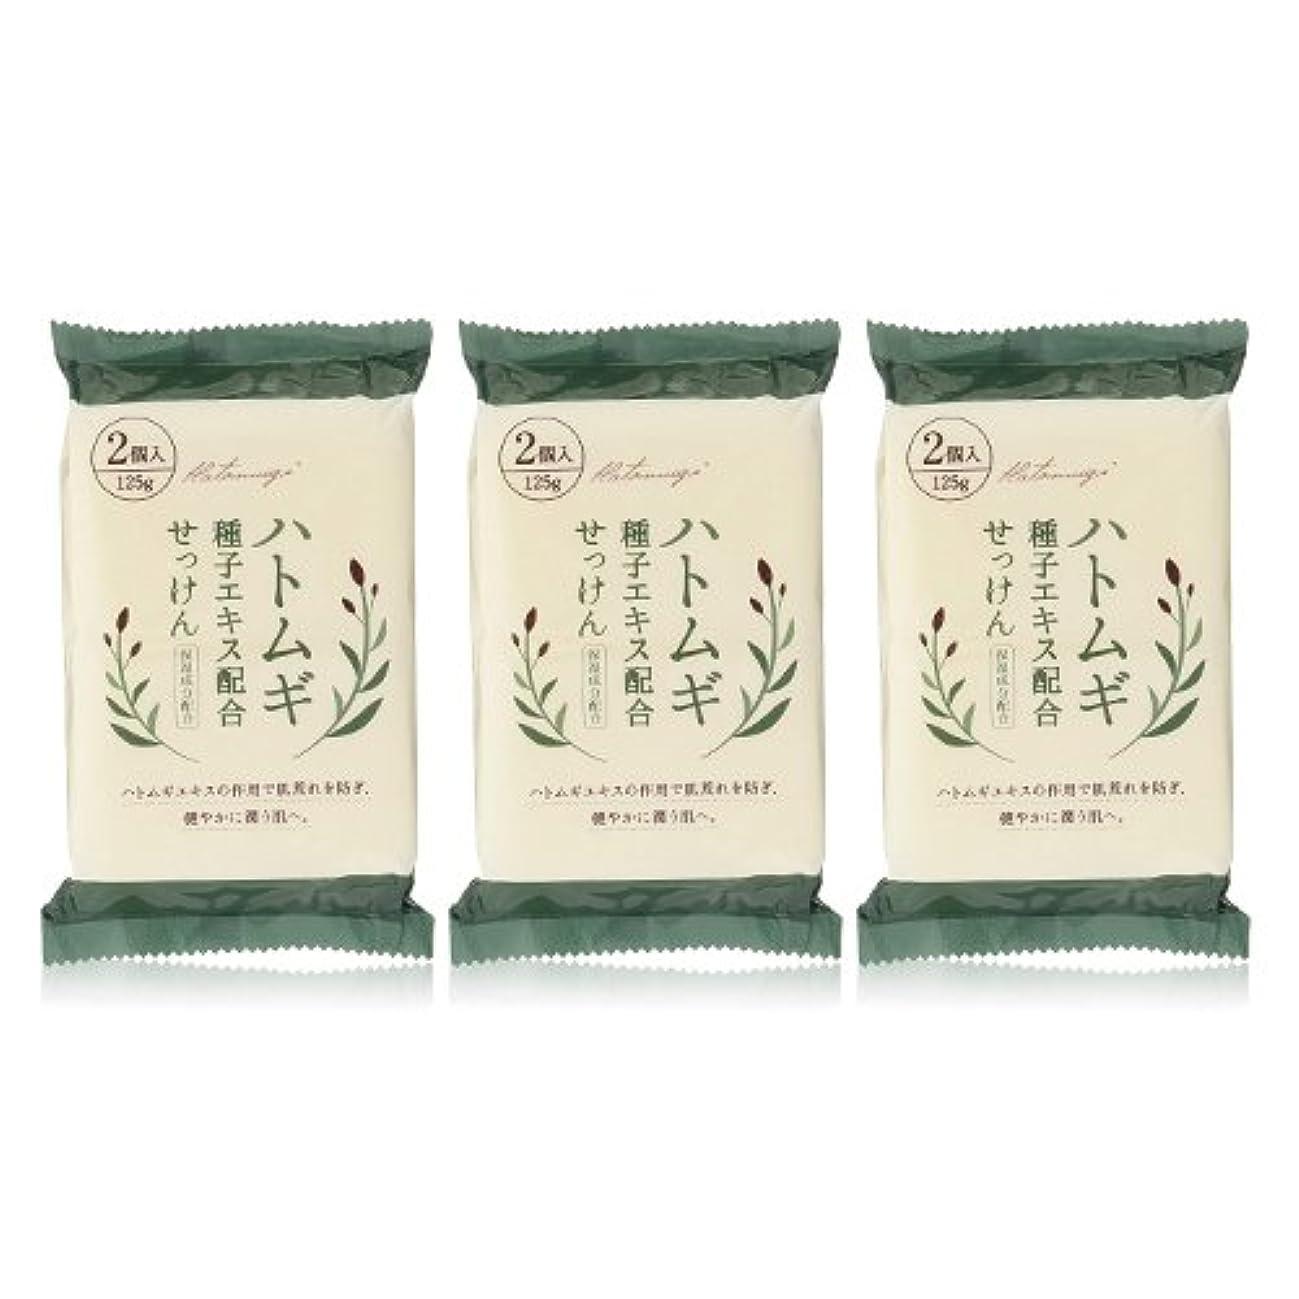 血まみれスーダントレイルハトムギ種子エキス配合石けん 125g(2コ入)×3個セット(計6個)